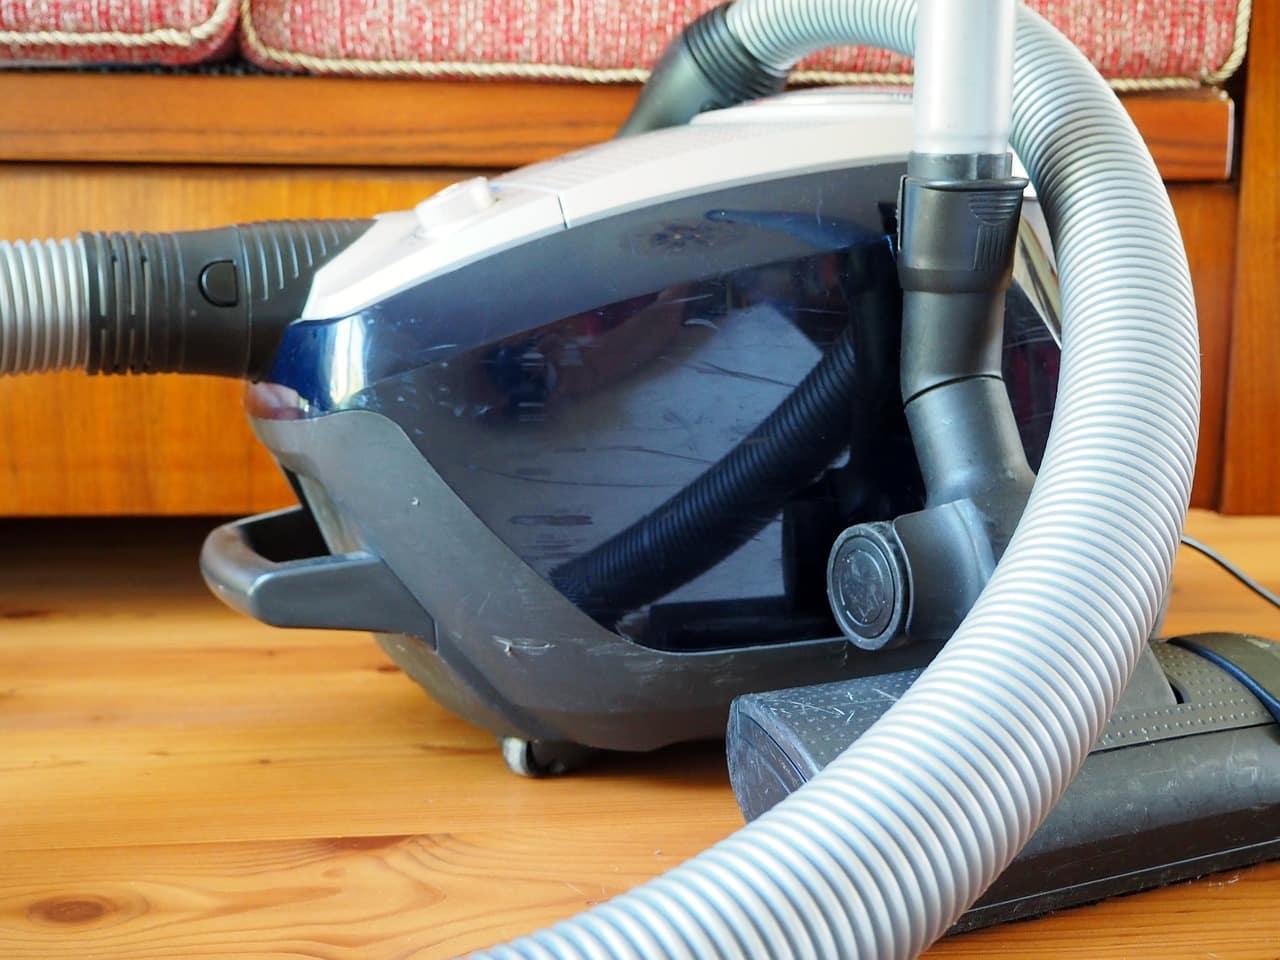 Comment changer le sac d'aspirateur Karcher?